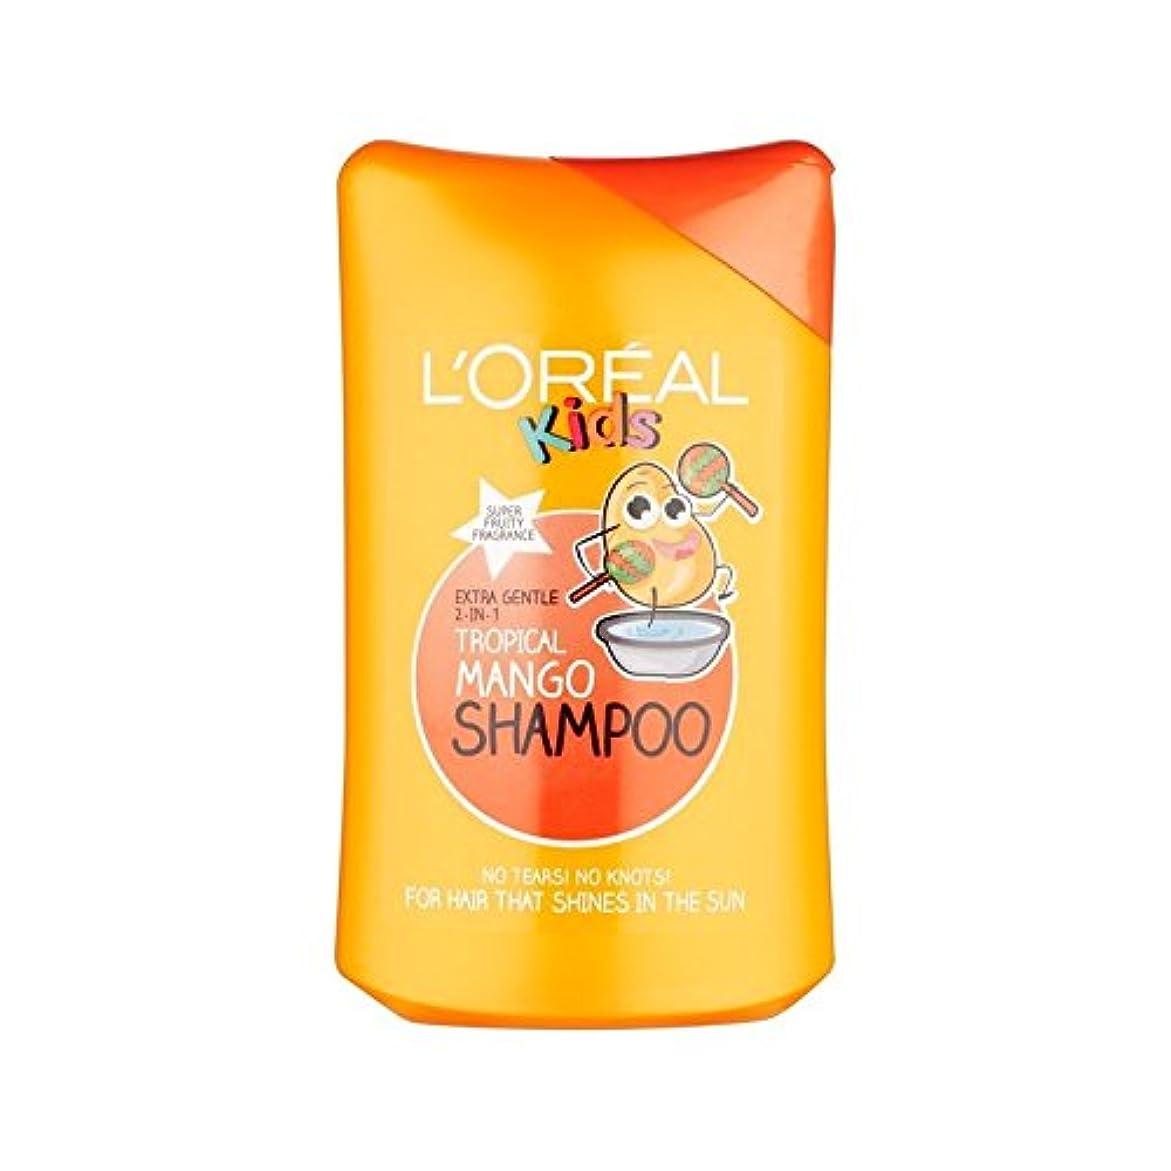 無効モチーフ狂乱子供トロピカルマンゴーシャンプー250Ml (L'Oreal) (x 4) - L'Oreal Kids Tropical Mango Shampoo 250ml (Pack of 4) [並行輸入品]